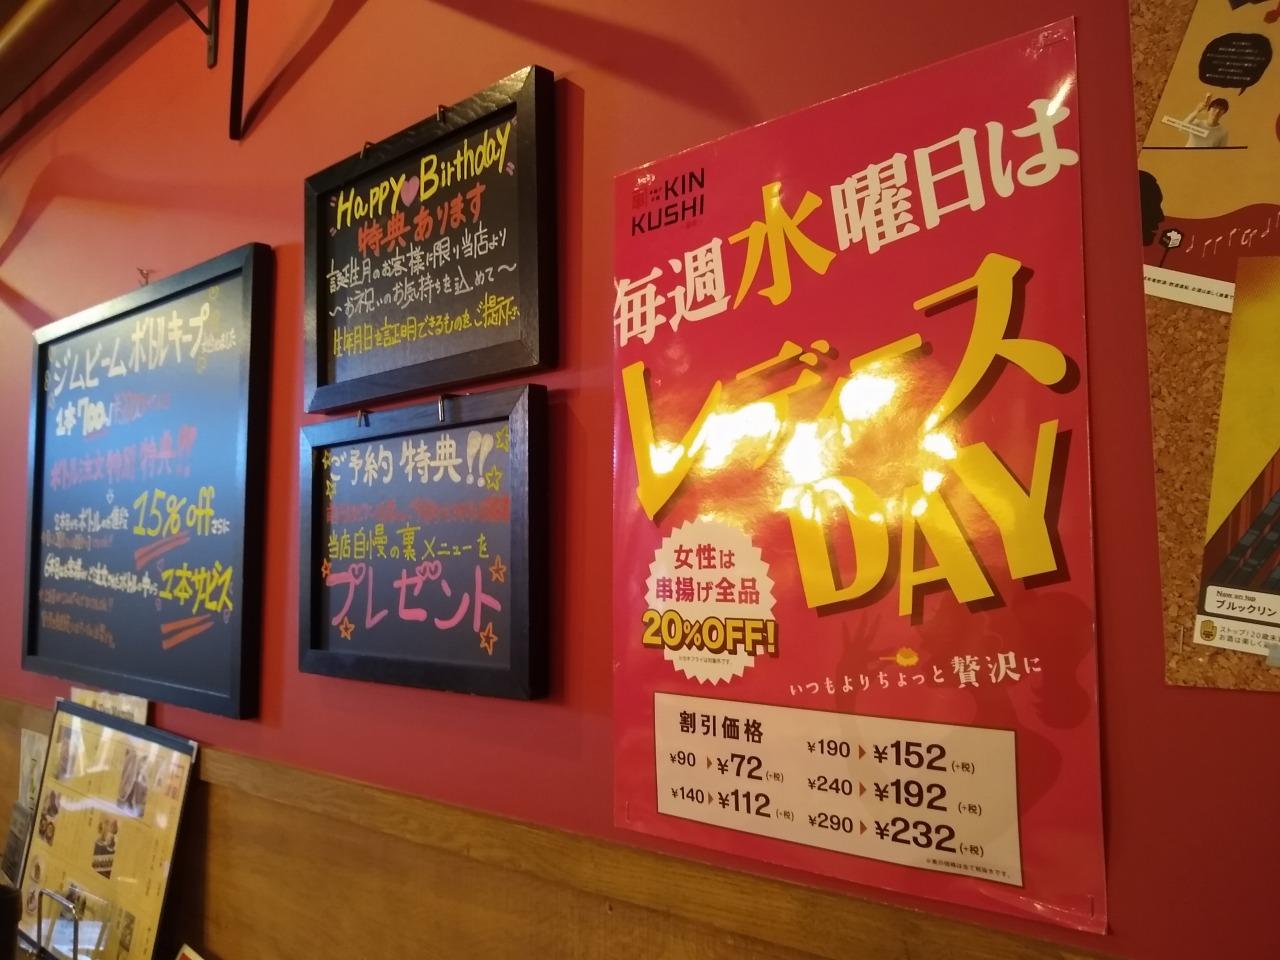 金串綱島店レディースデー